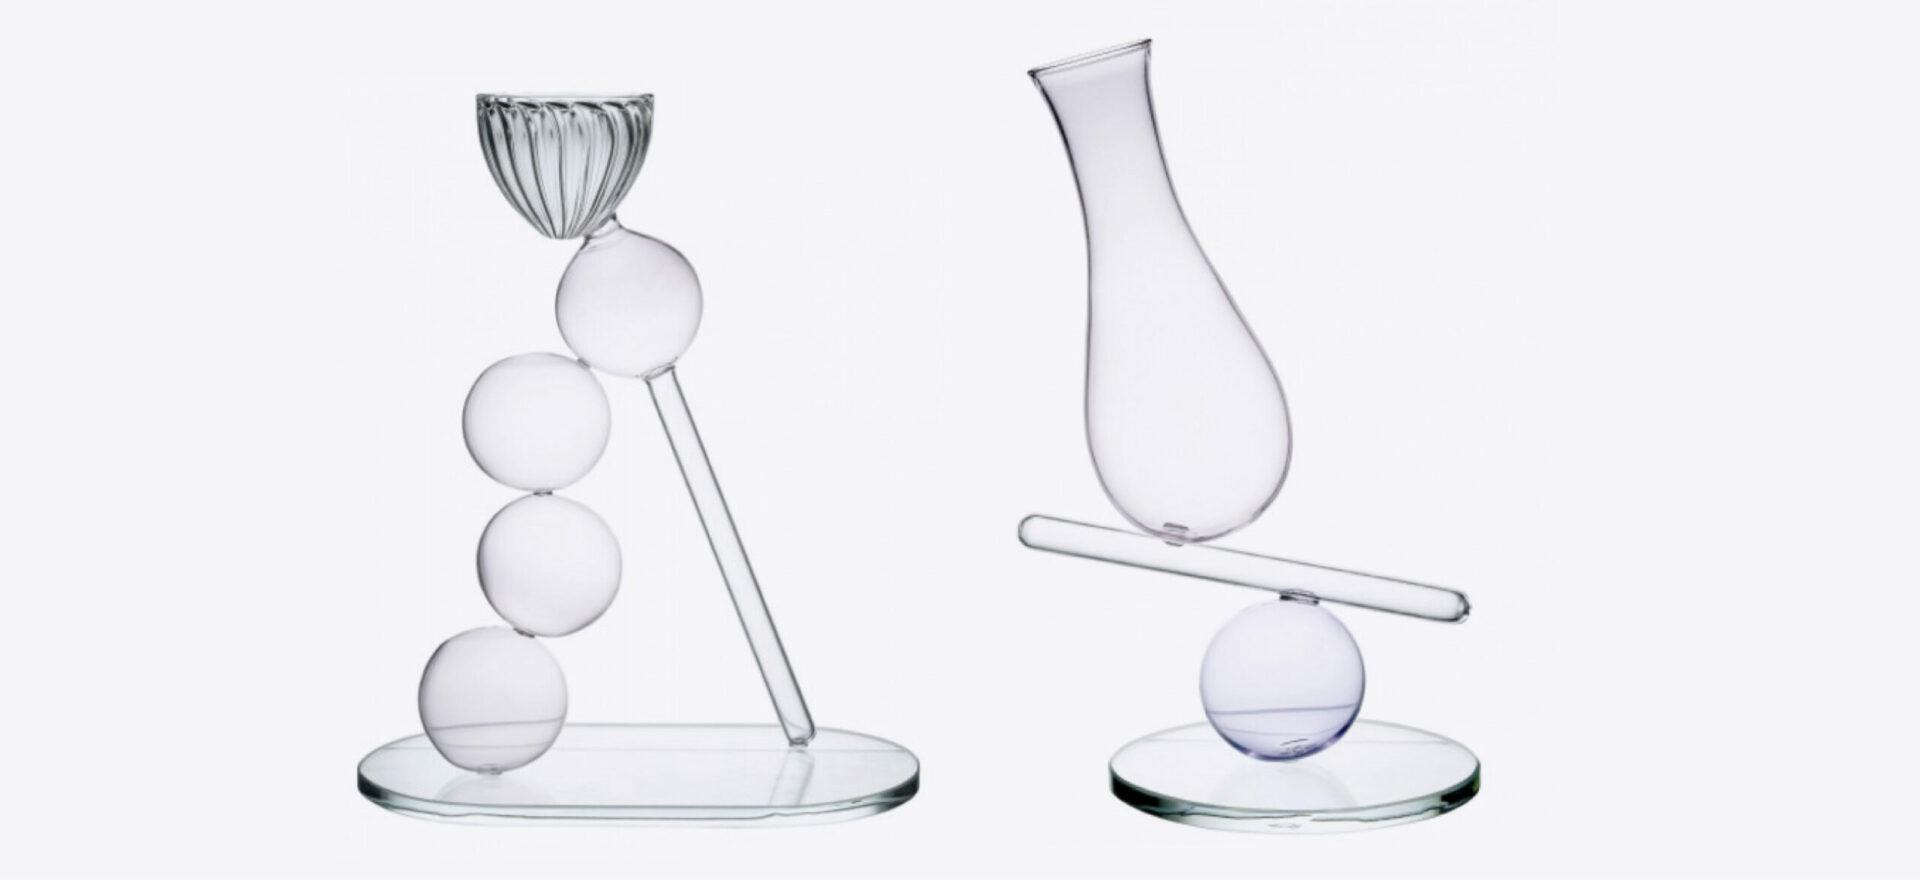 (Un)balanced_Paşabahçe__Vases collection_Flowers_Mario Trimarchi Design_Products Artworks2